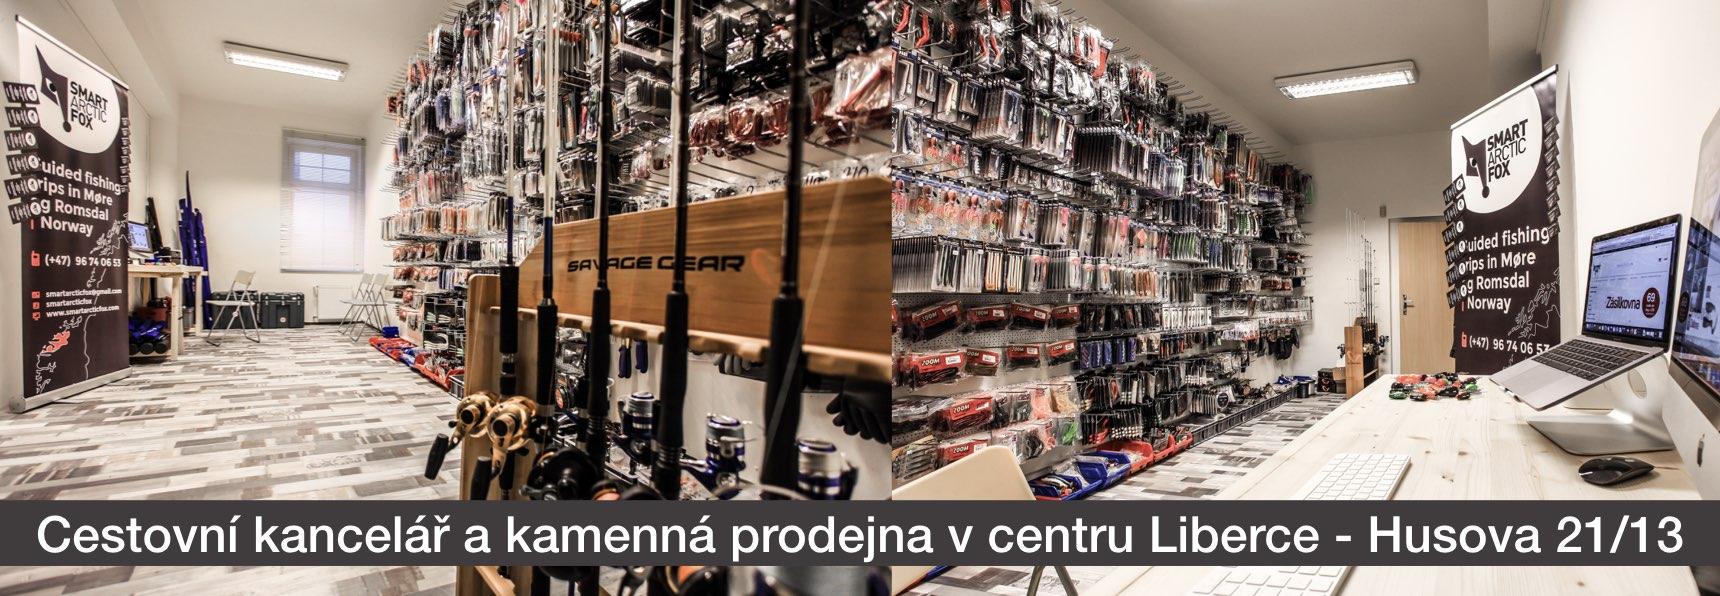 Cestovní kancelář a kamenná prodejna v centru Liberece - SMART ARCTIC FOX